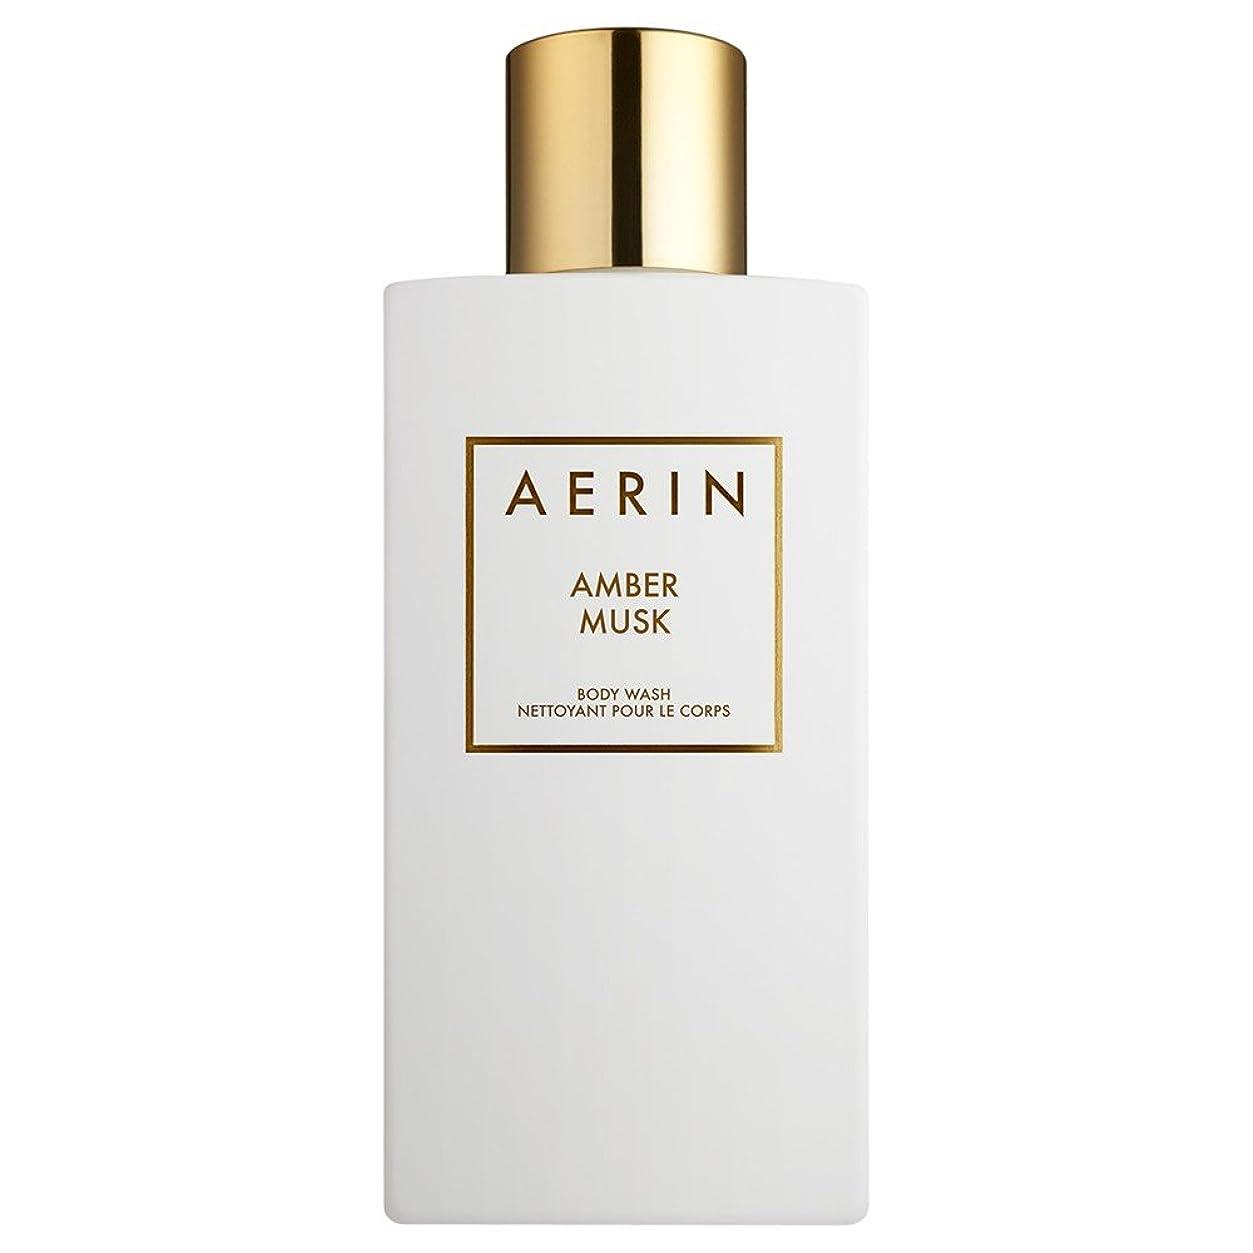 周波数注目すべきもっともらしいAerinアンバームスクボディウォッシュ225ミリリットル (AERIN) - AERIN Amber Musk Bodywash 225ml [並行輸入品]